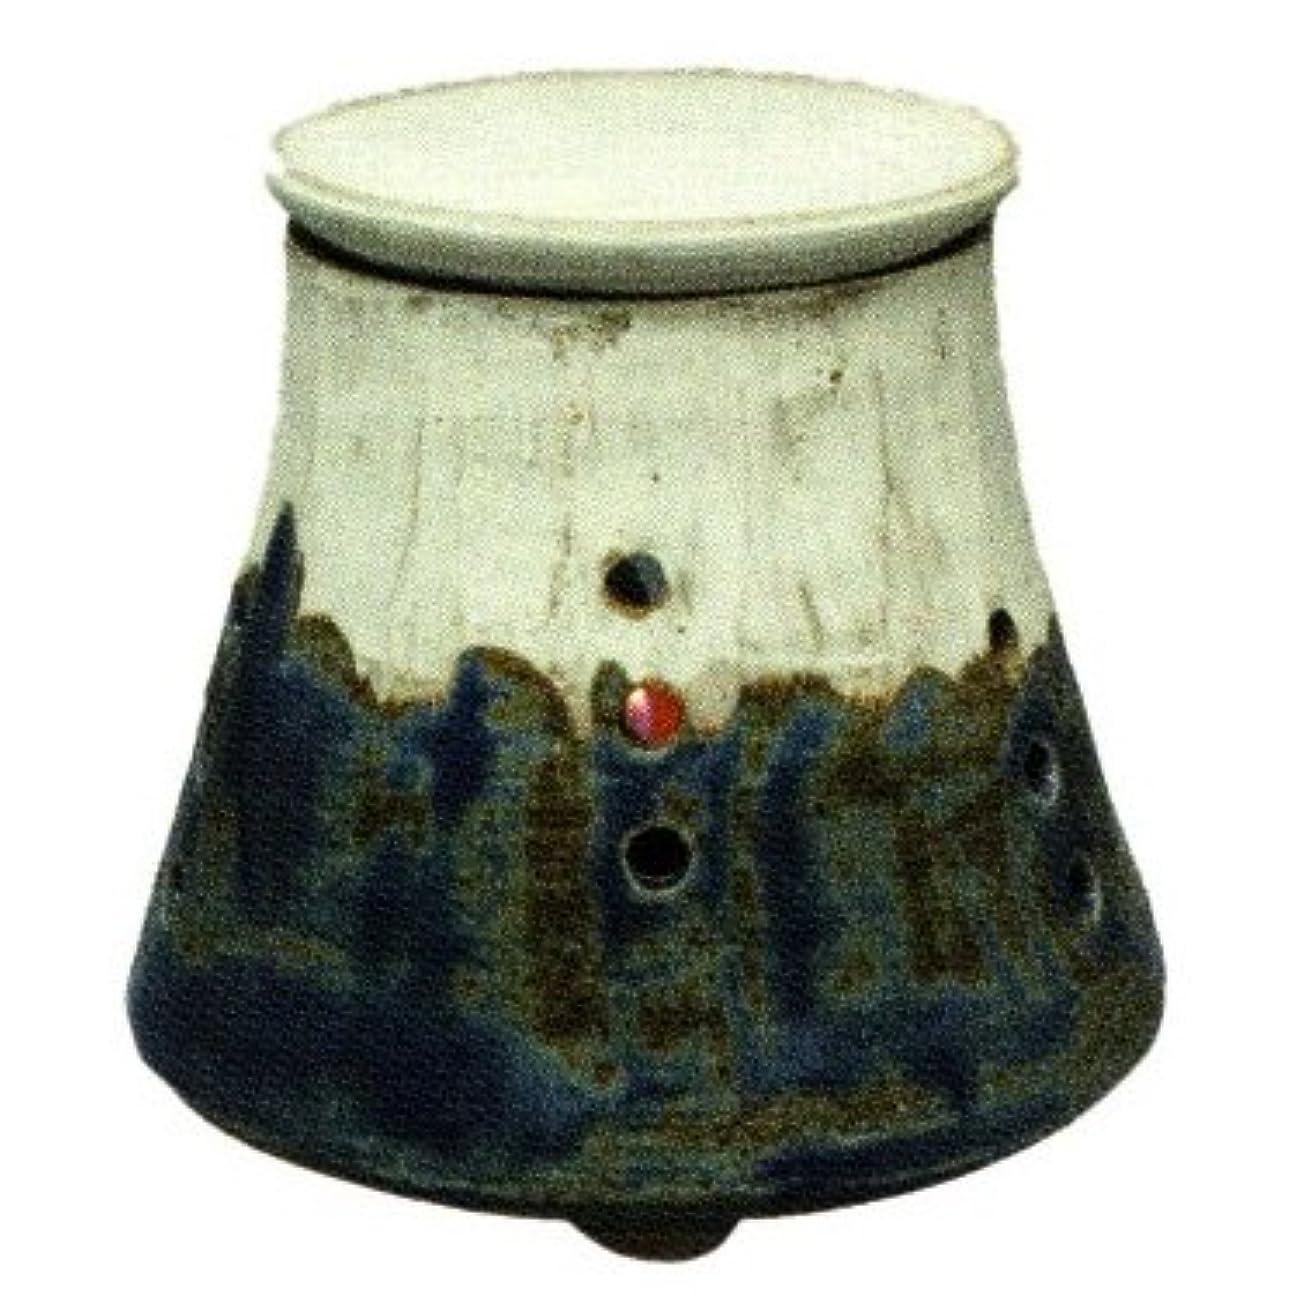 セミナー問い合わせ順番常滑焼?焜清 カ39-01 茶香炉 青富士 径10.5×9.5cm